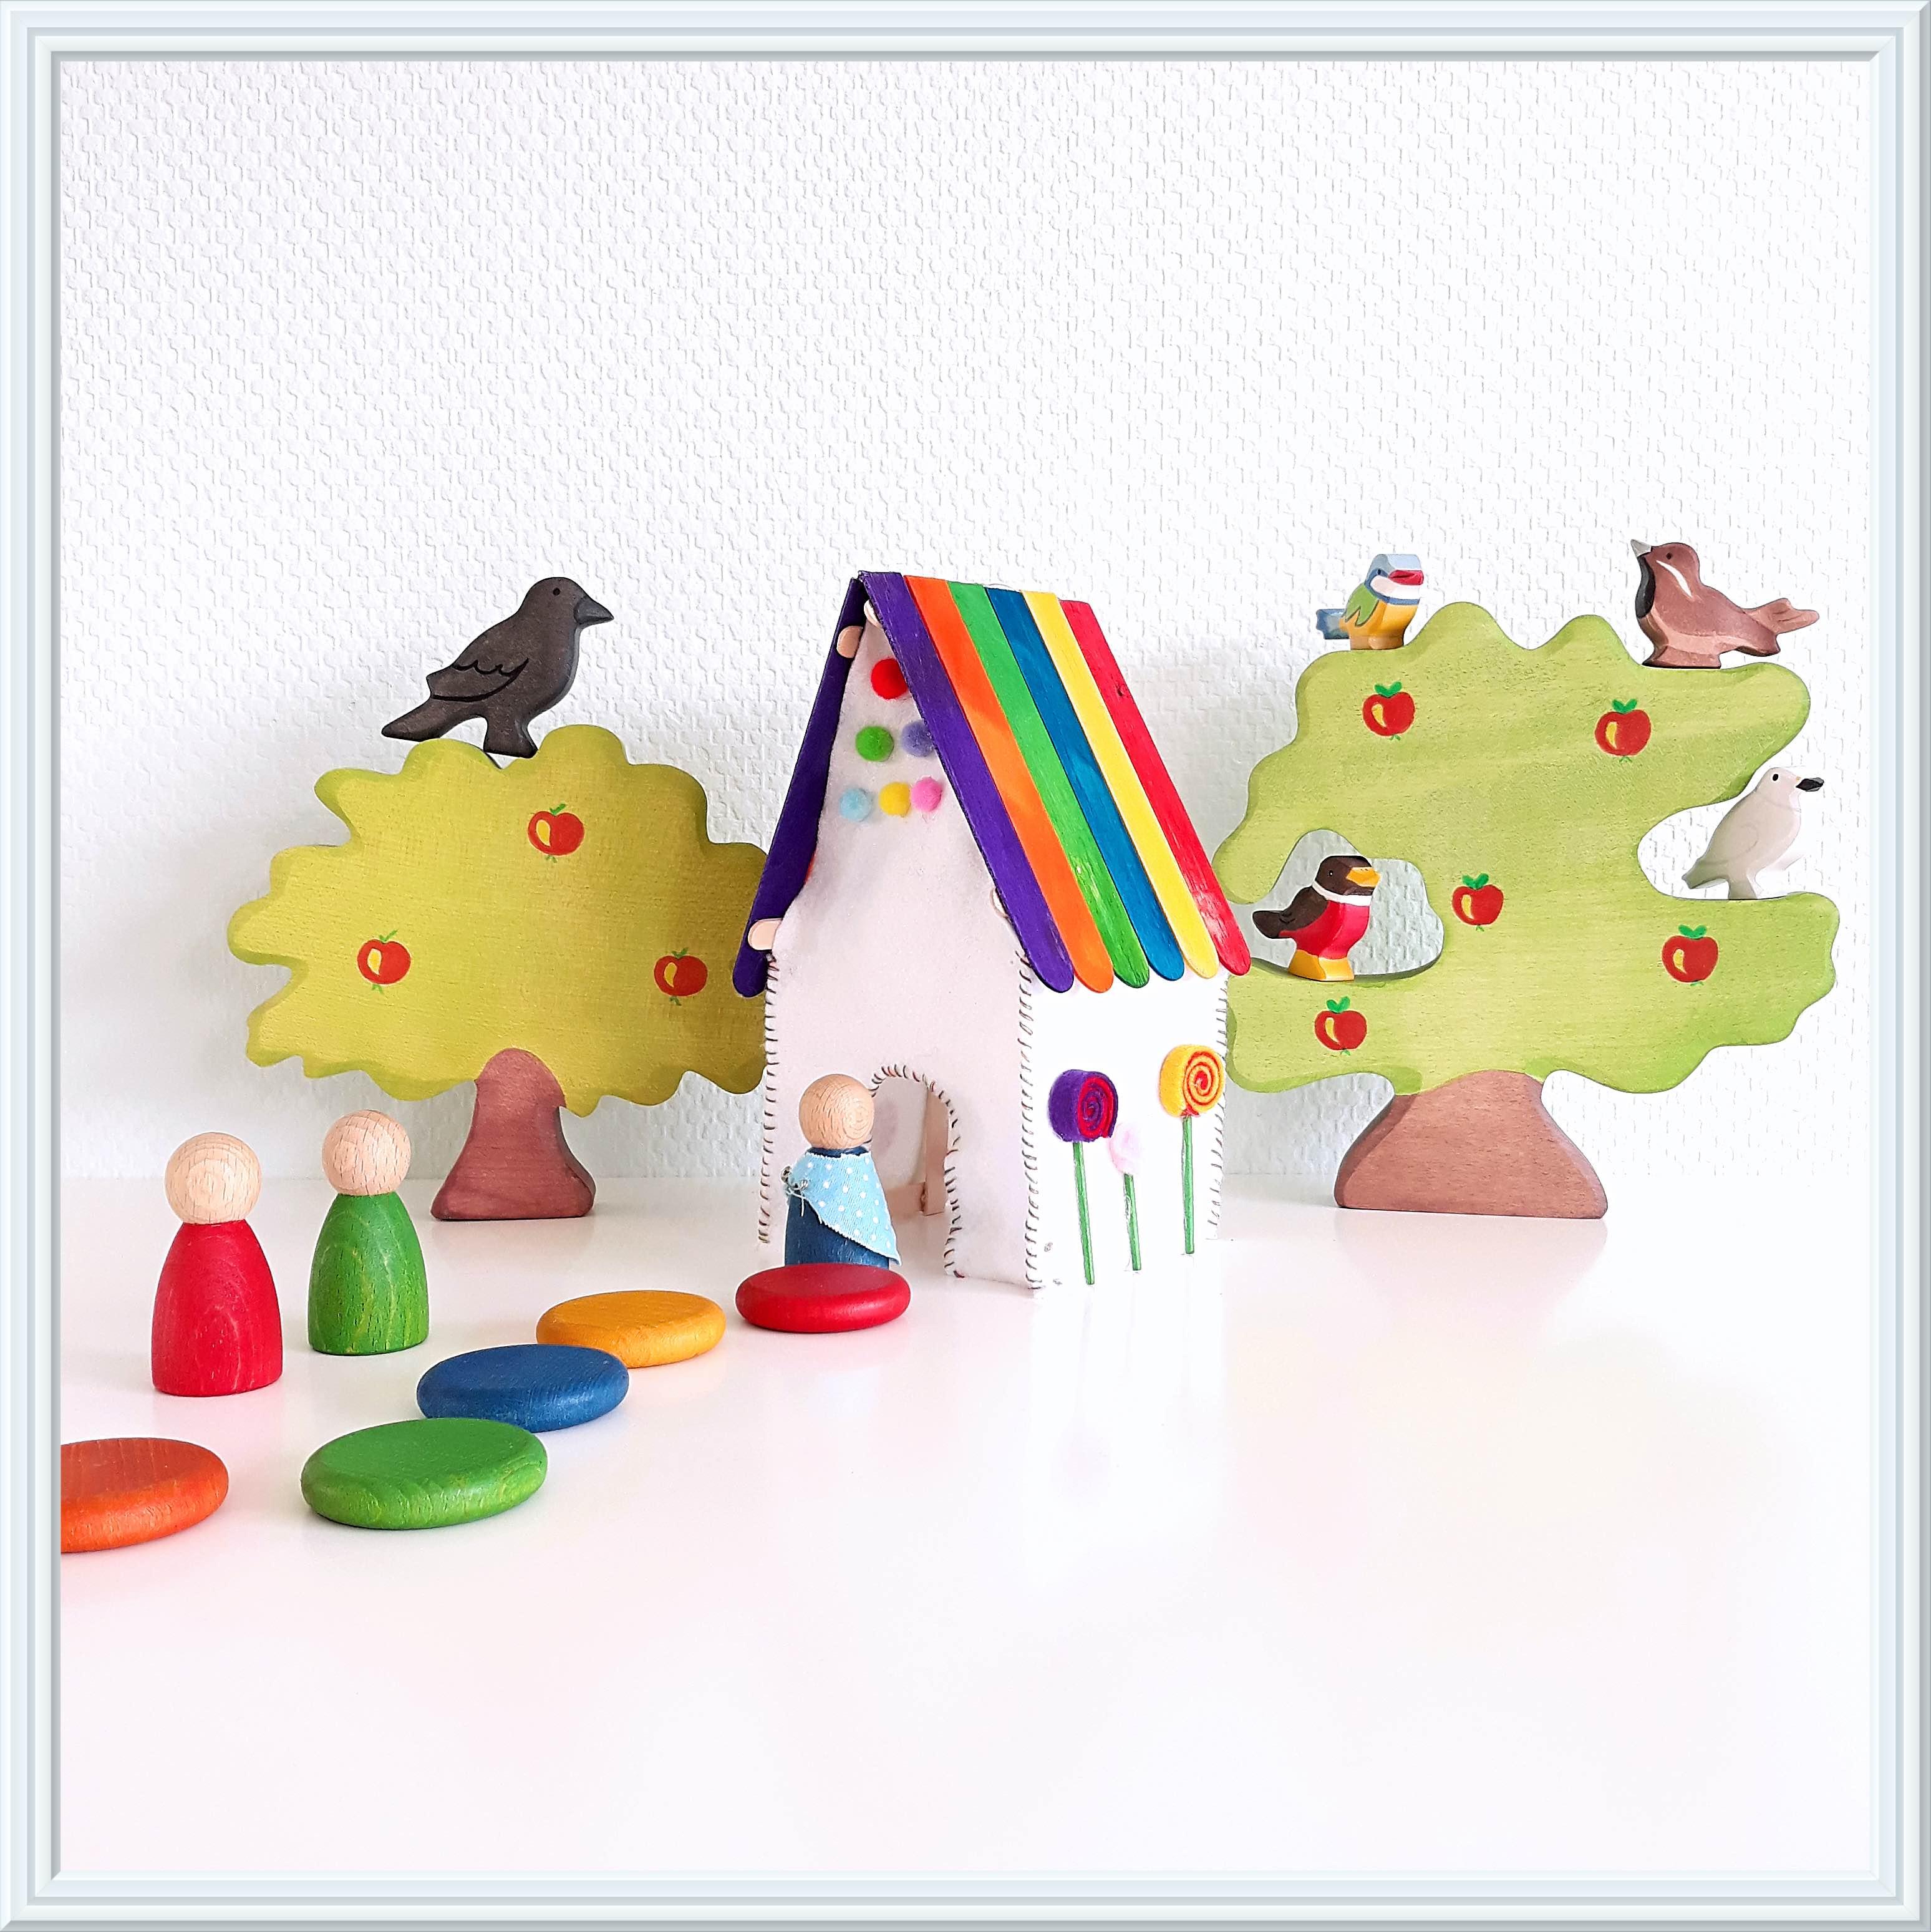 sprookjes met houten speelgoed: hans en grietje